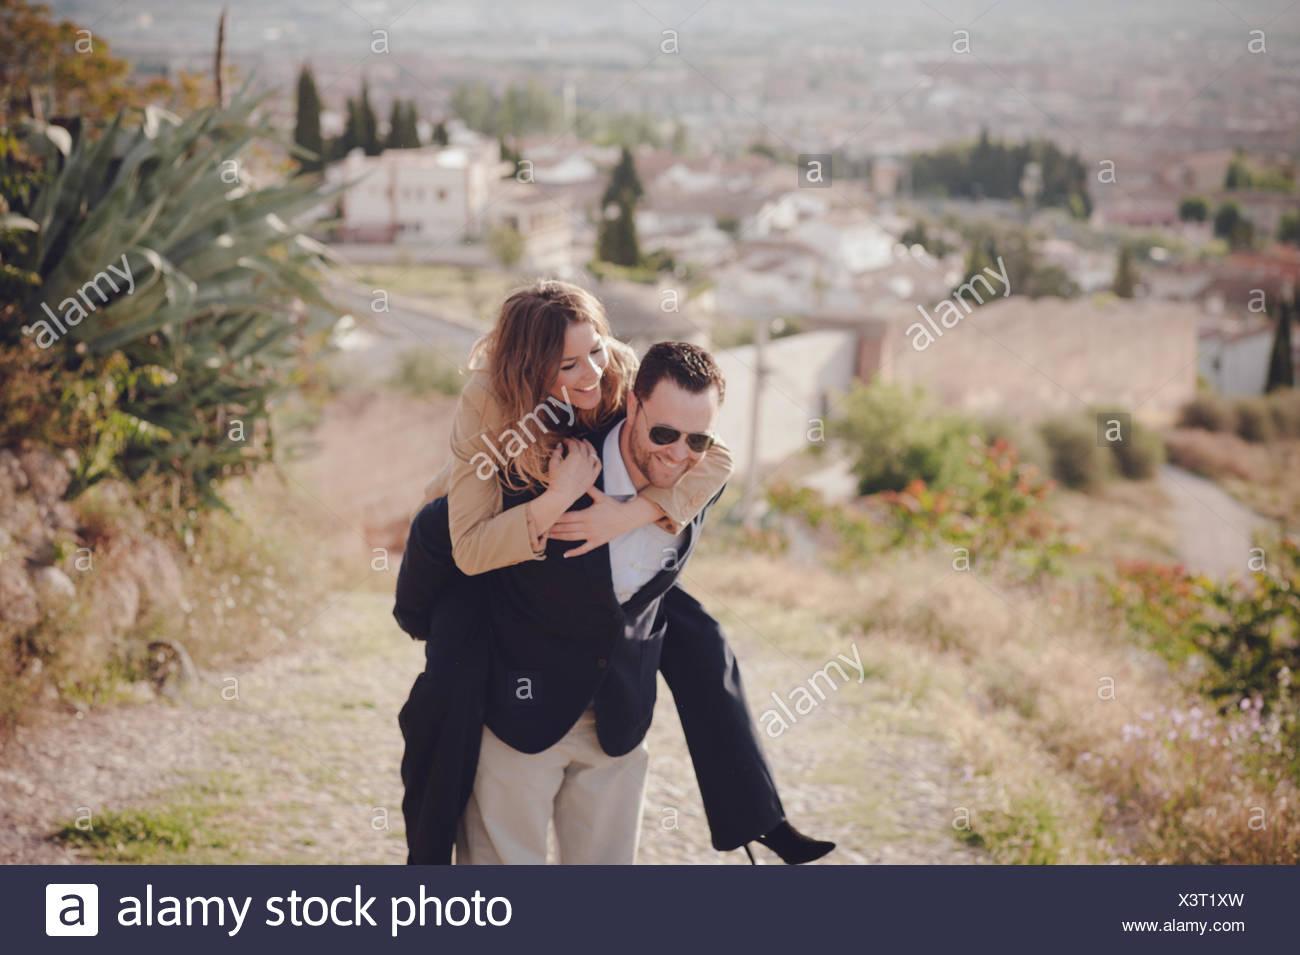 El hombre y la mujer haciendo Piggyback Ride Imagen De Stock